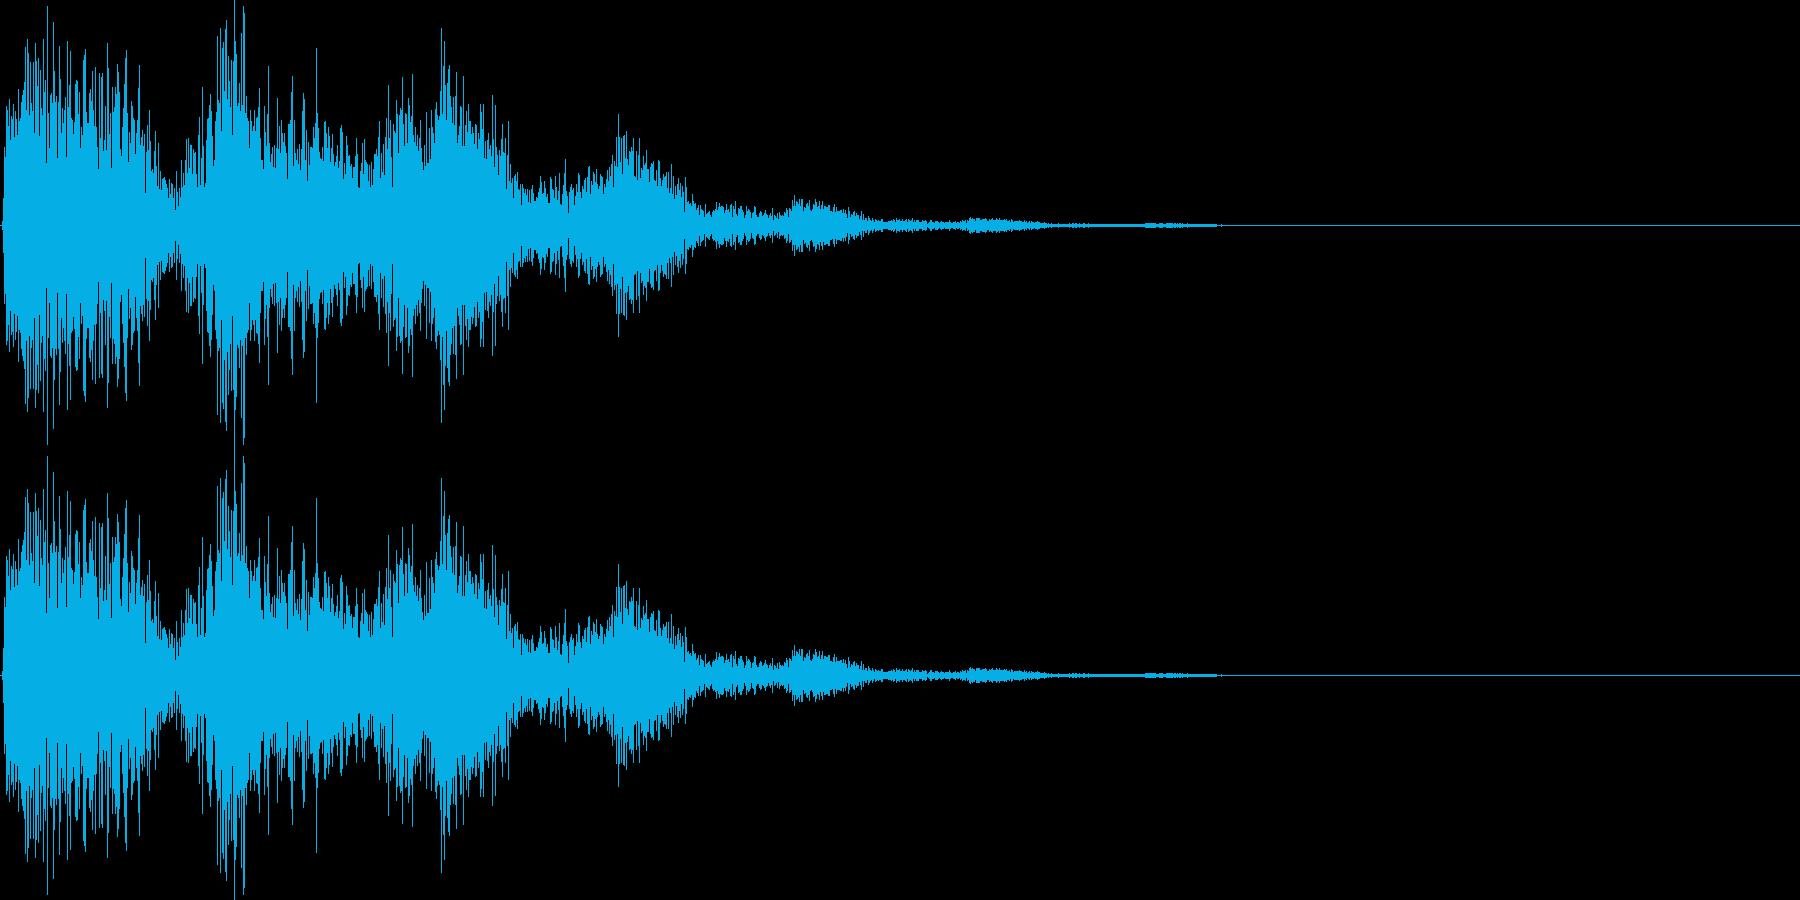 デデン(ミス、キャンセル、マイナス要素)の再生済みの波形